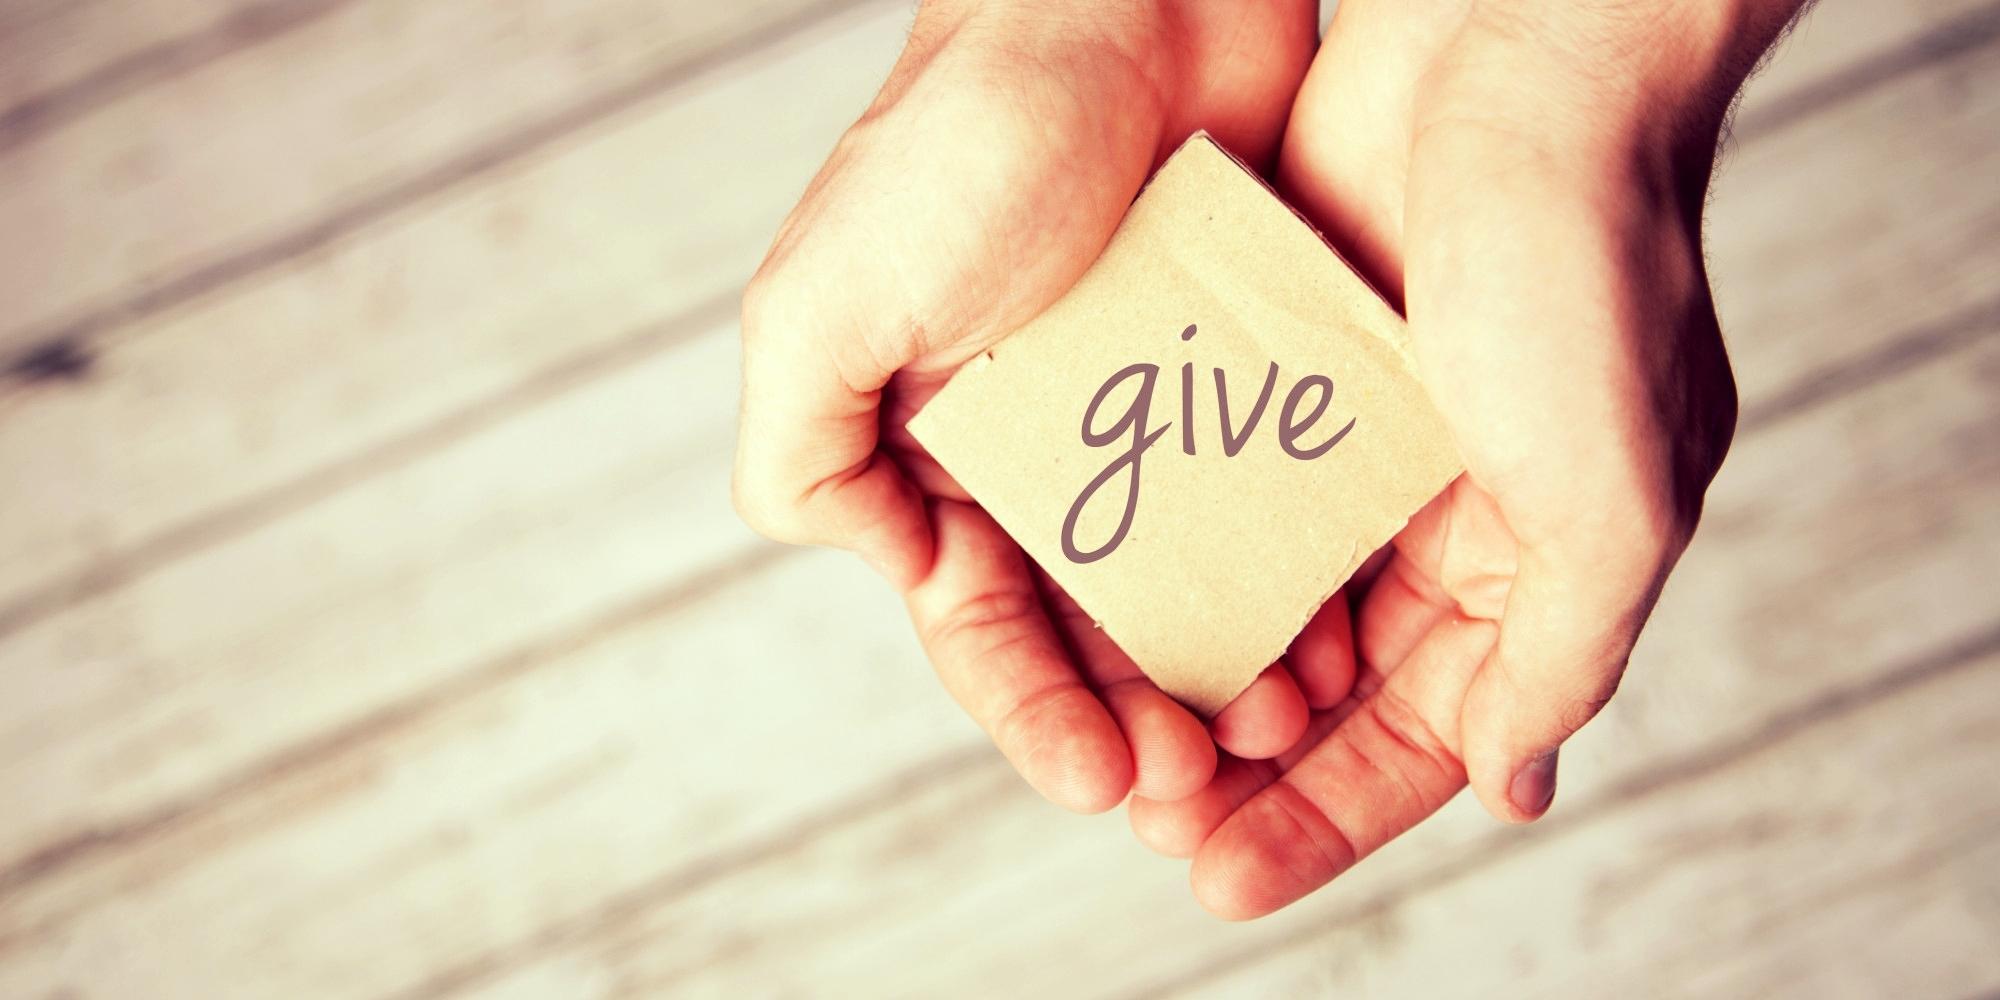 Giving — Fleet Baptist Church